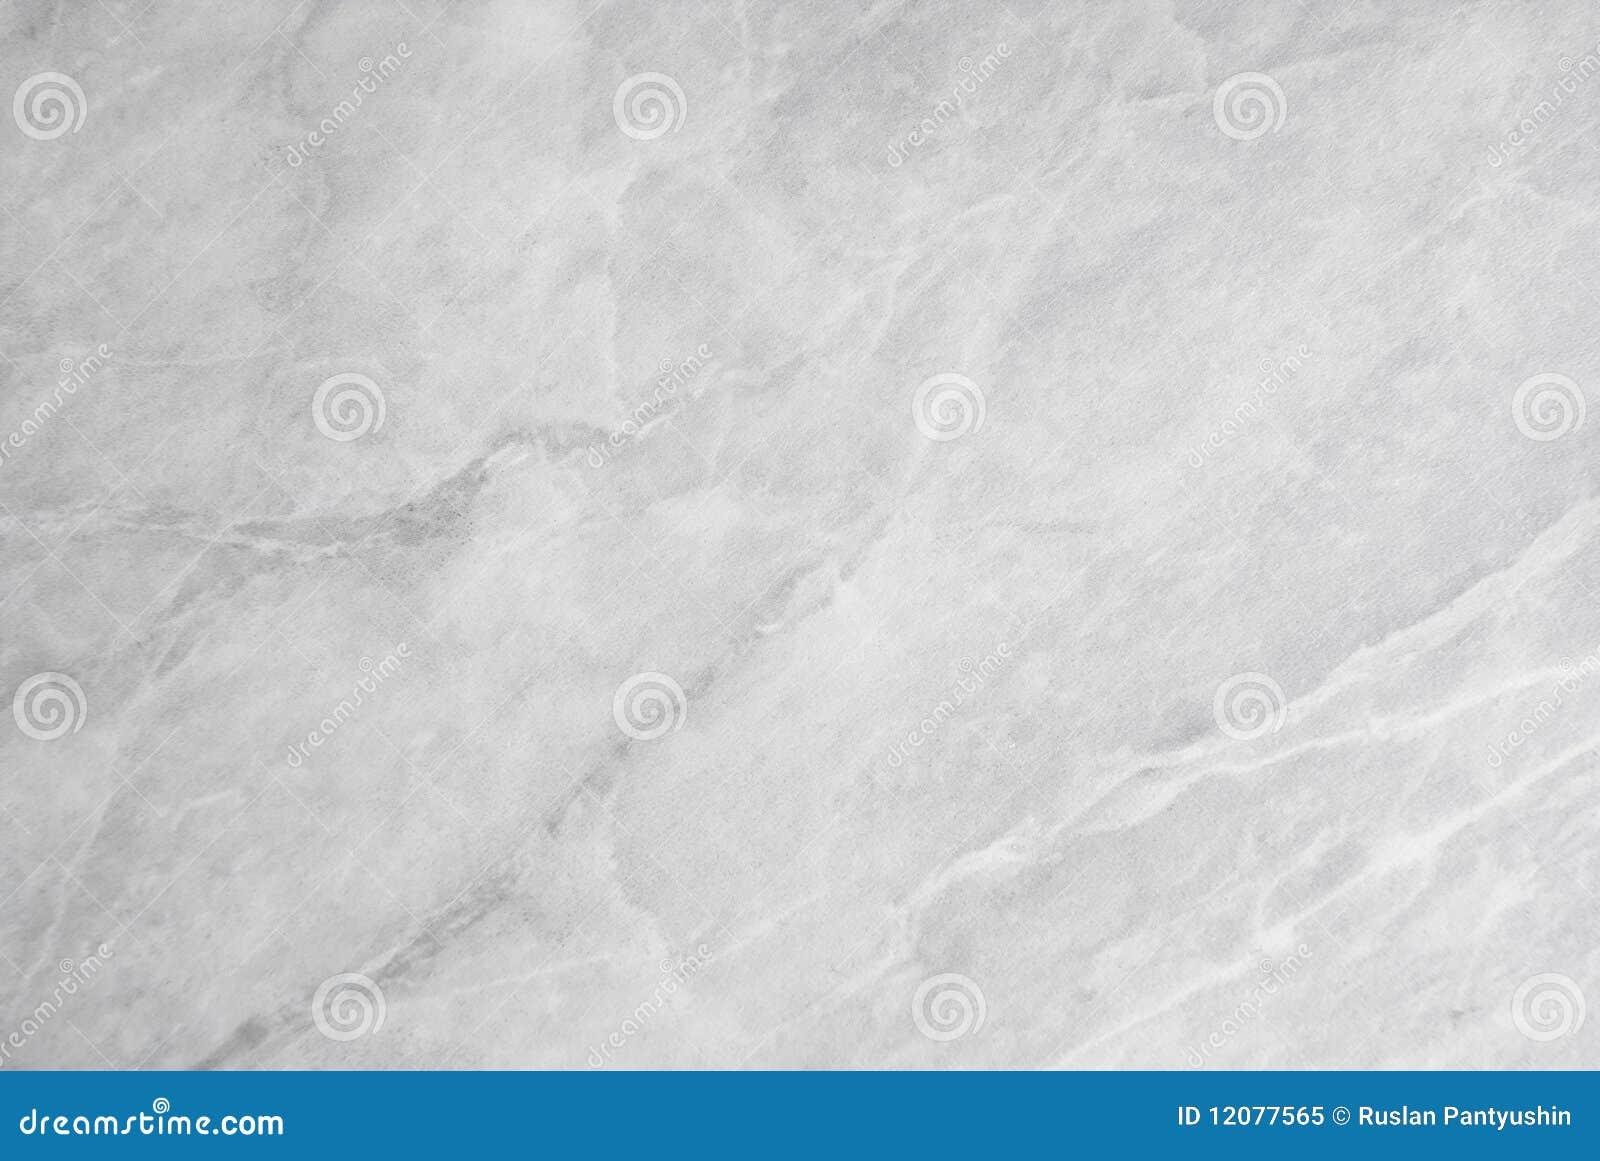 Marmeren plaat